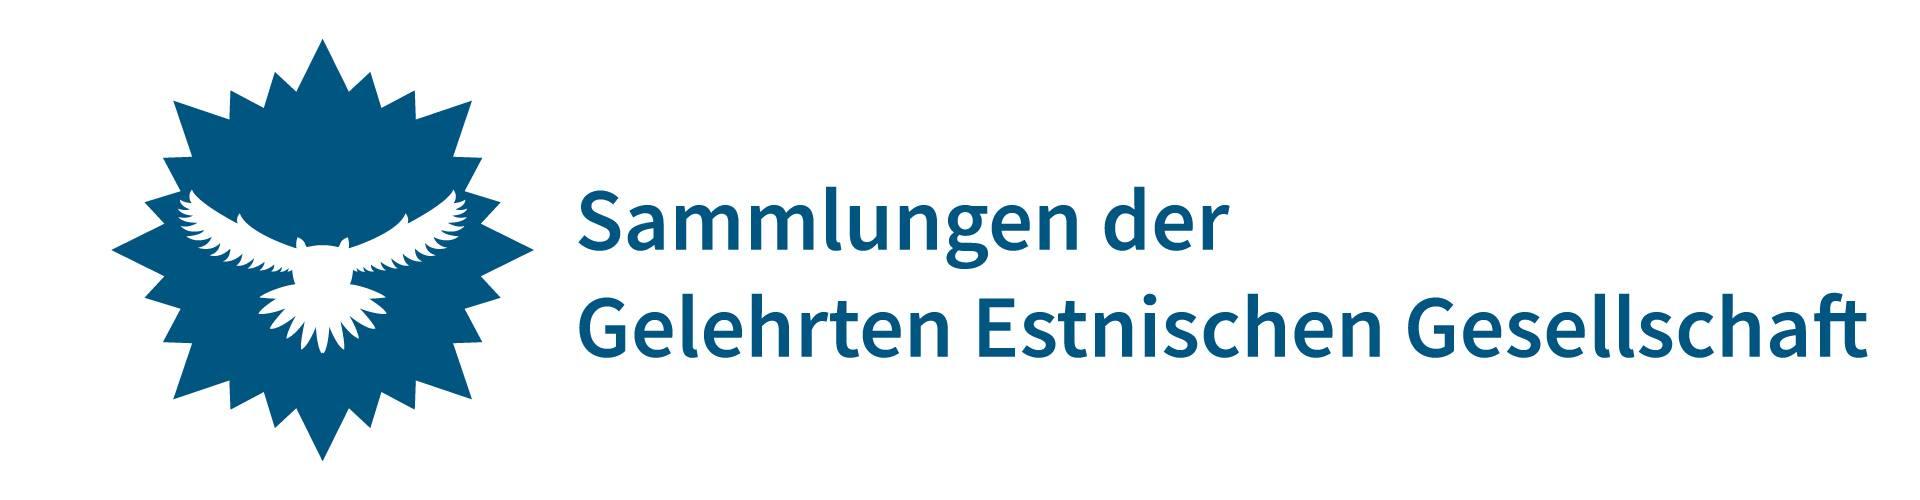 Sammlungen der Gelehrten Estnischen Gesellschaft